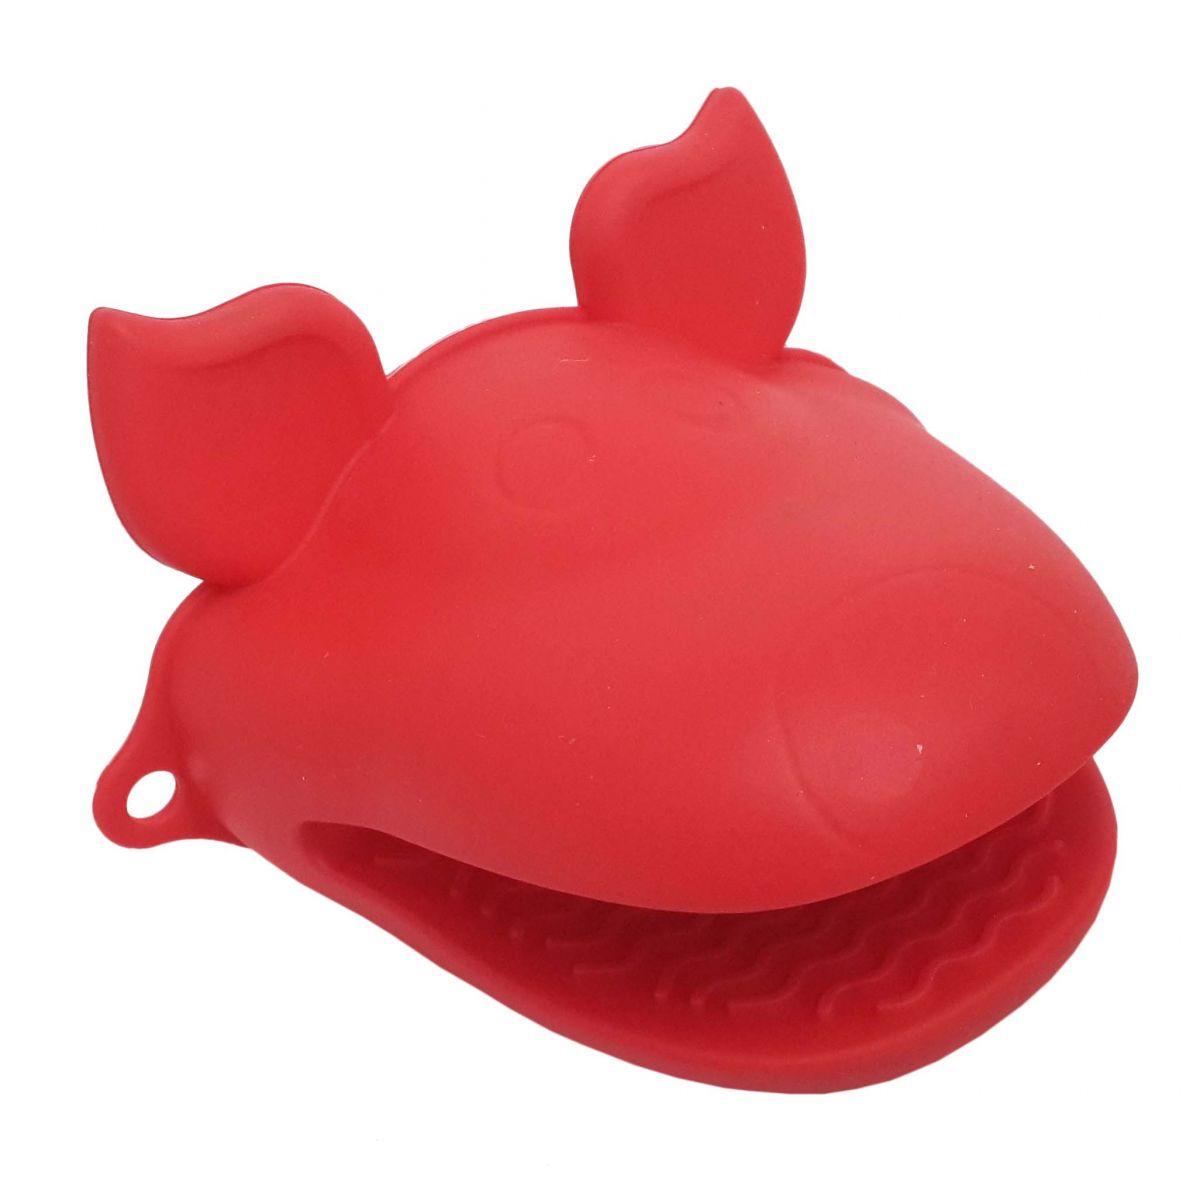 Kit 2 Luvas Termica De Silicone Pegador Fogao Forno Cozinha Par Vermelha (sili-8)